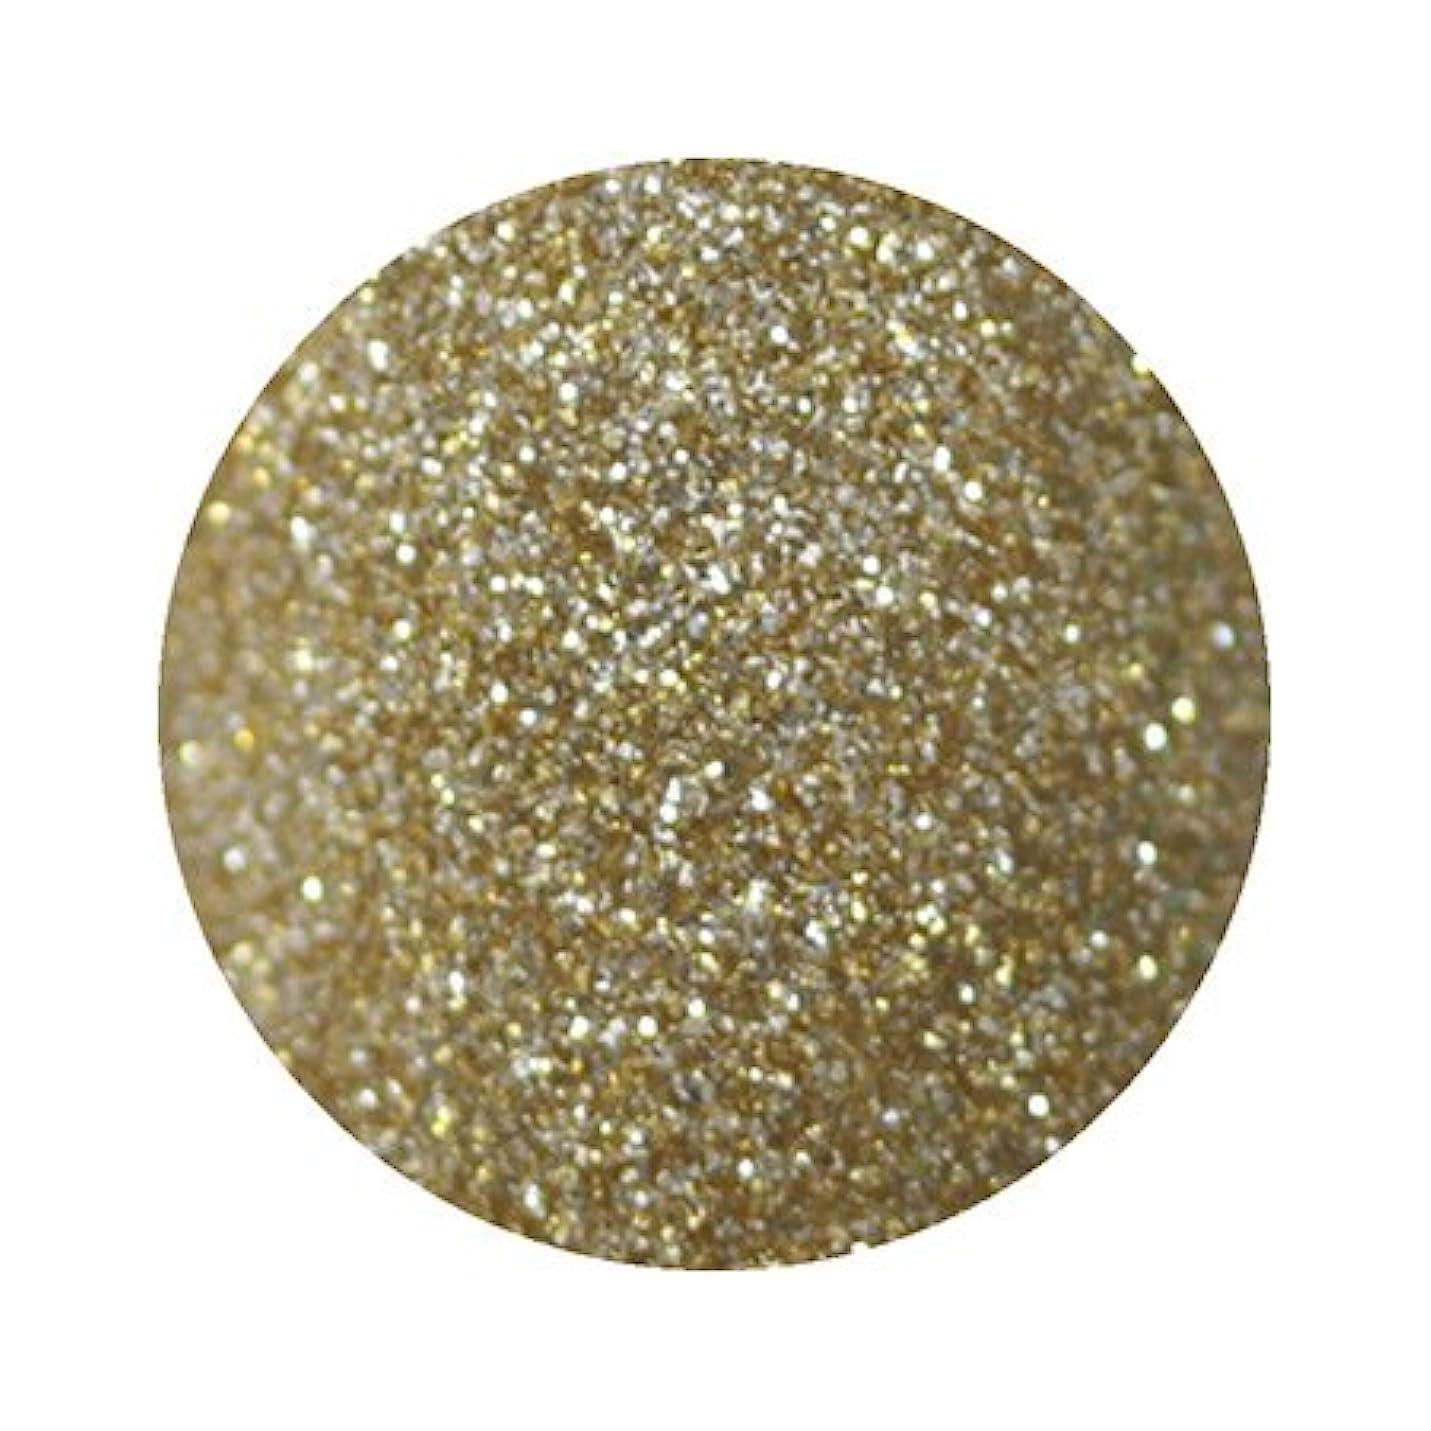 適合誤恐れパラポリッシュ ハイブリッドカラージェル GOLD(ゴールド) 7g